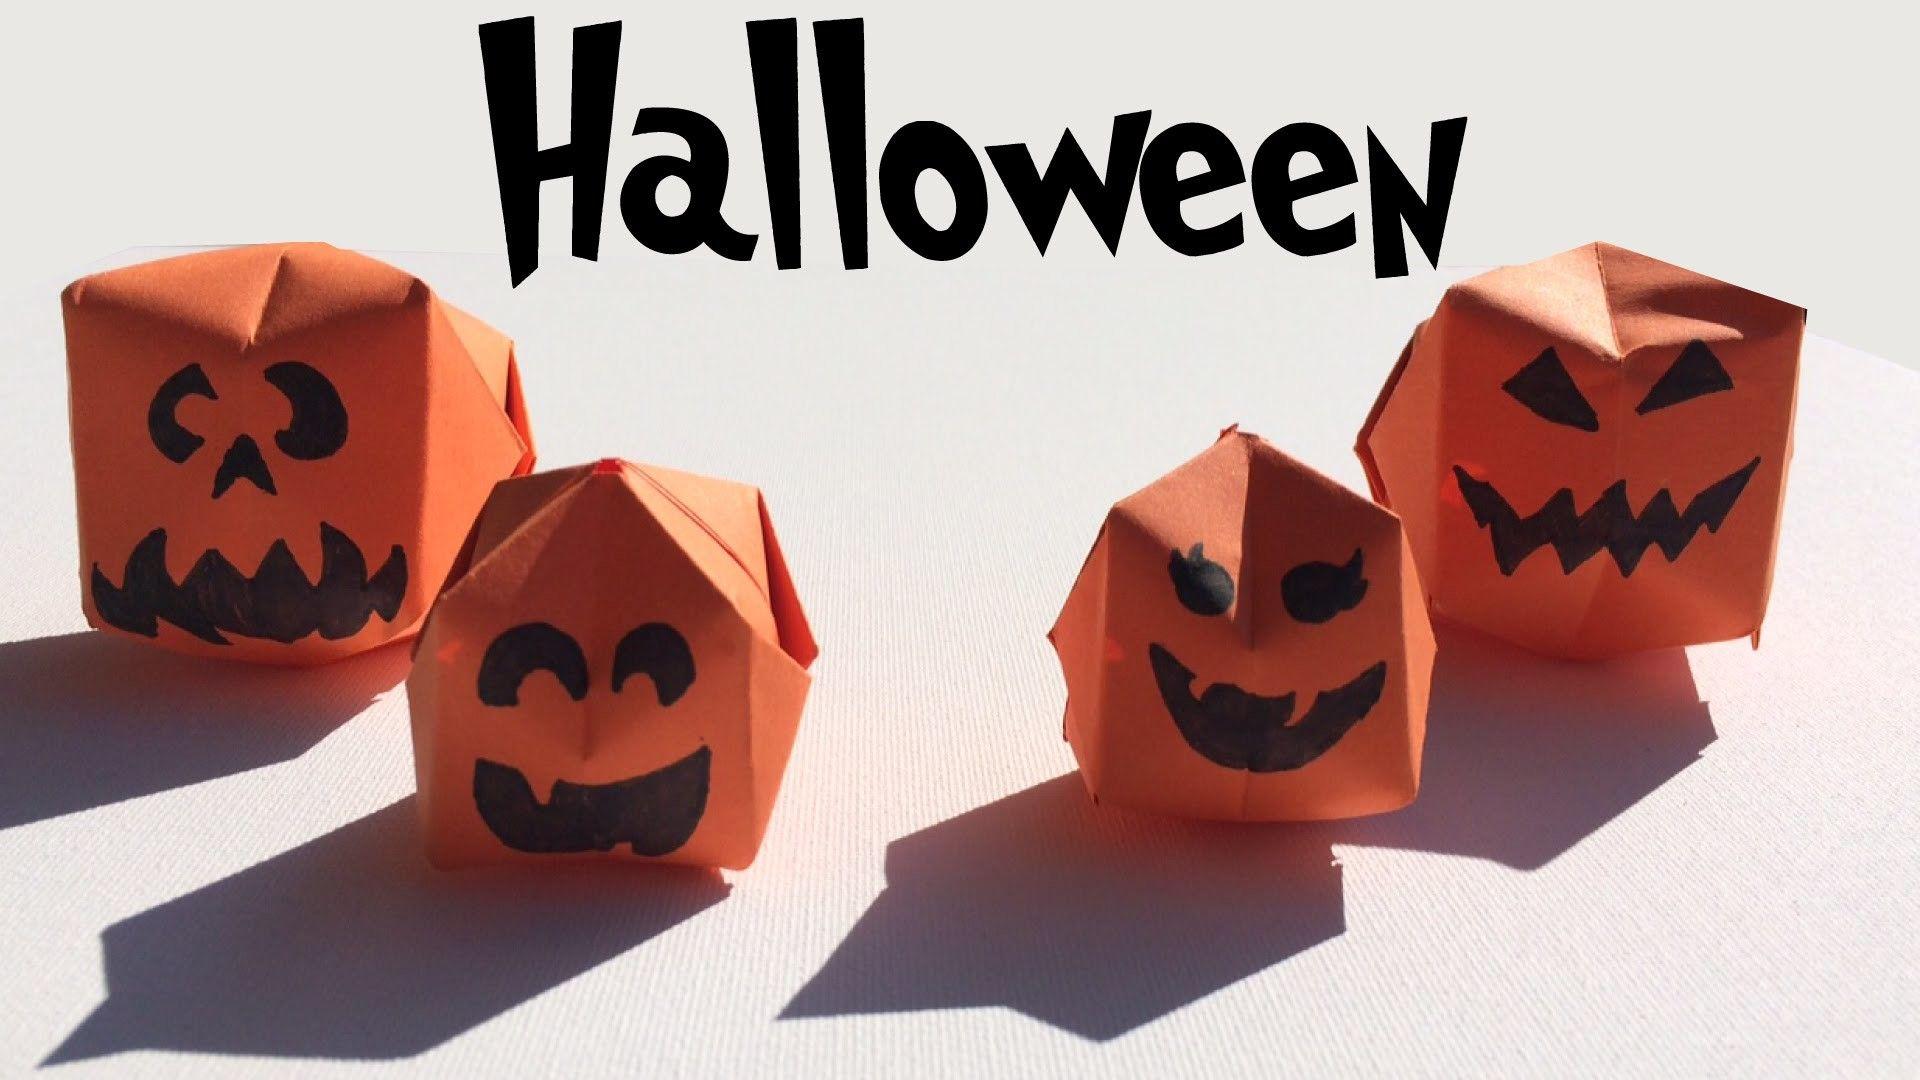 Hoe Maak Je Een Halloween Pompoen.Halloween Pompoenen Vouwen Fun Origami Halloween Pumpkins